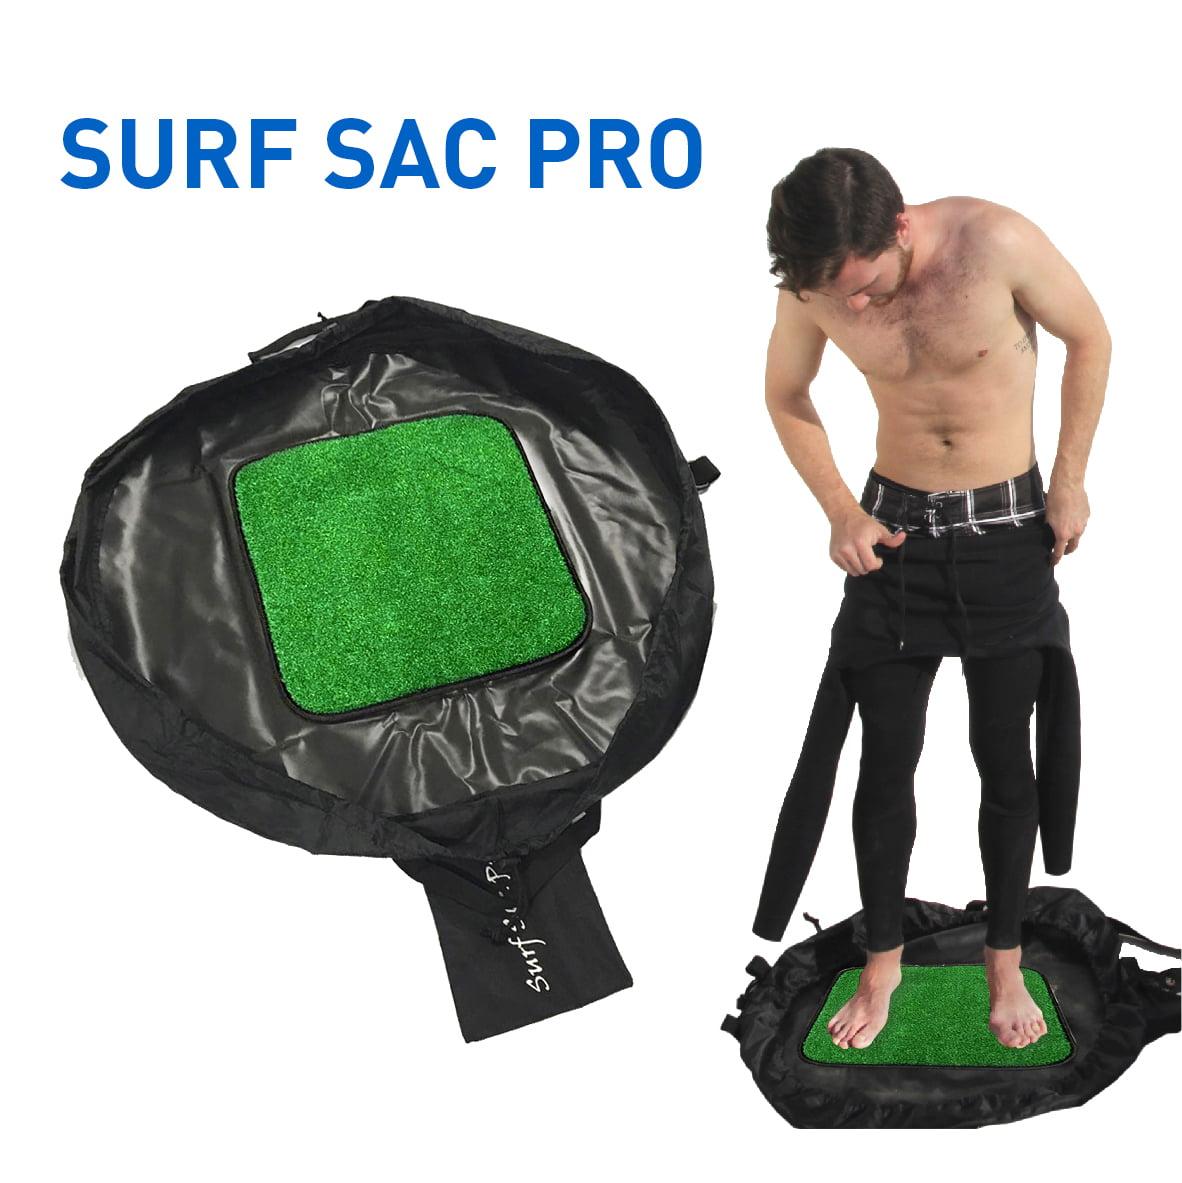 Surf Sac Wetsuit Changing Mat - Large Waterproof Surf Bag with Drawstring, use as Wetsuit Bag - BONUS Shoulder Strap